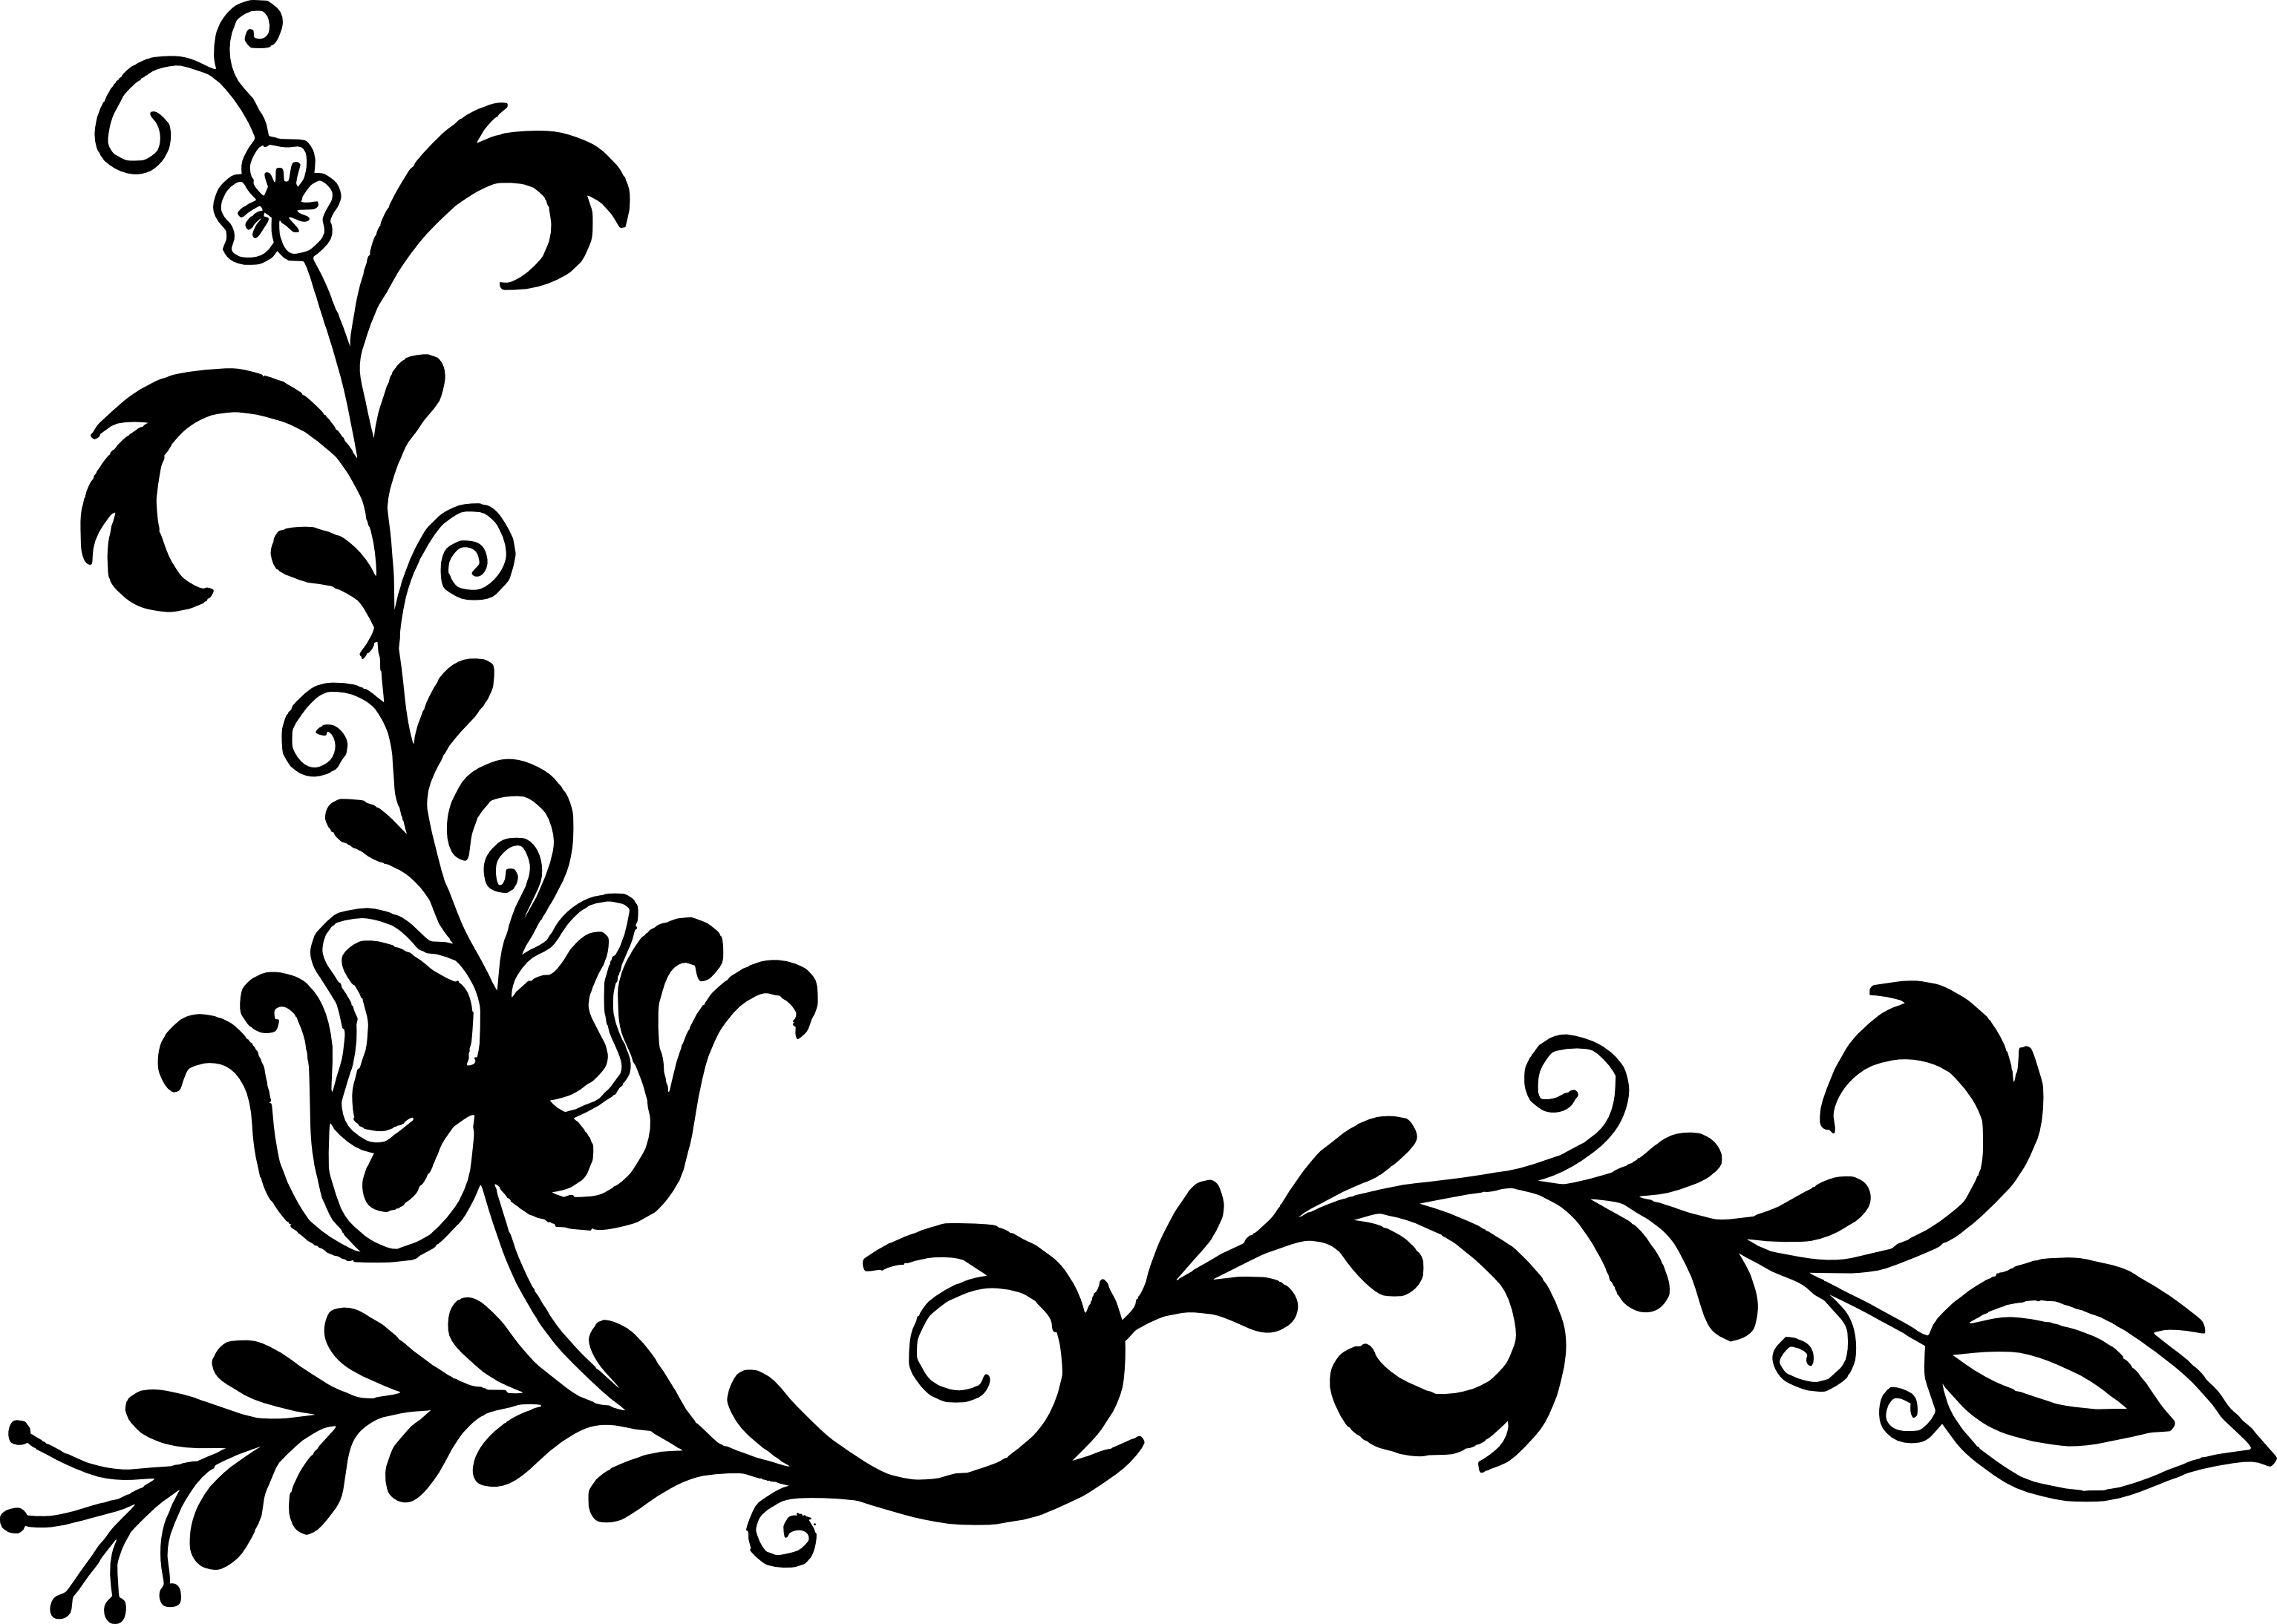 Line Art Flower Design Png : Flower corner vector png transparent svg onlygfx